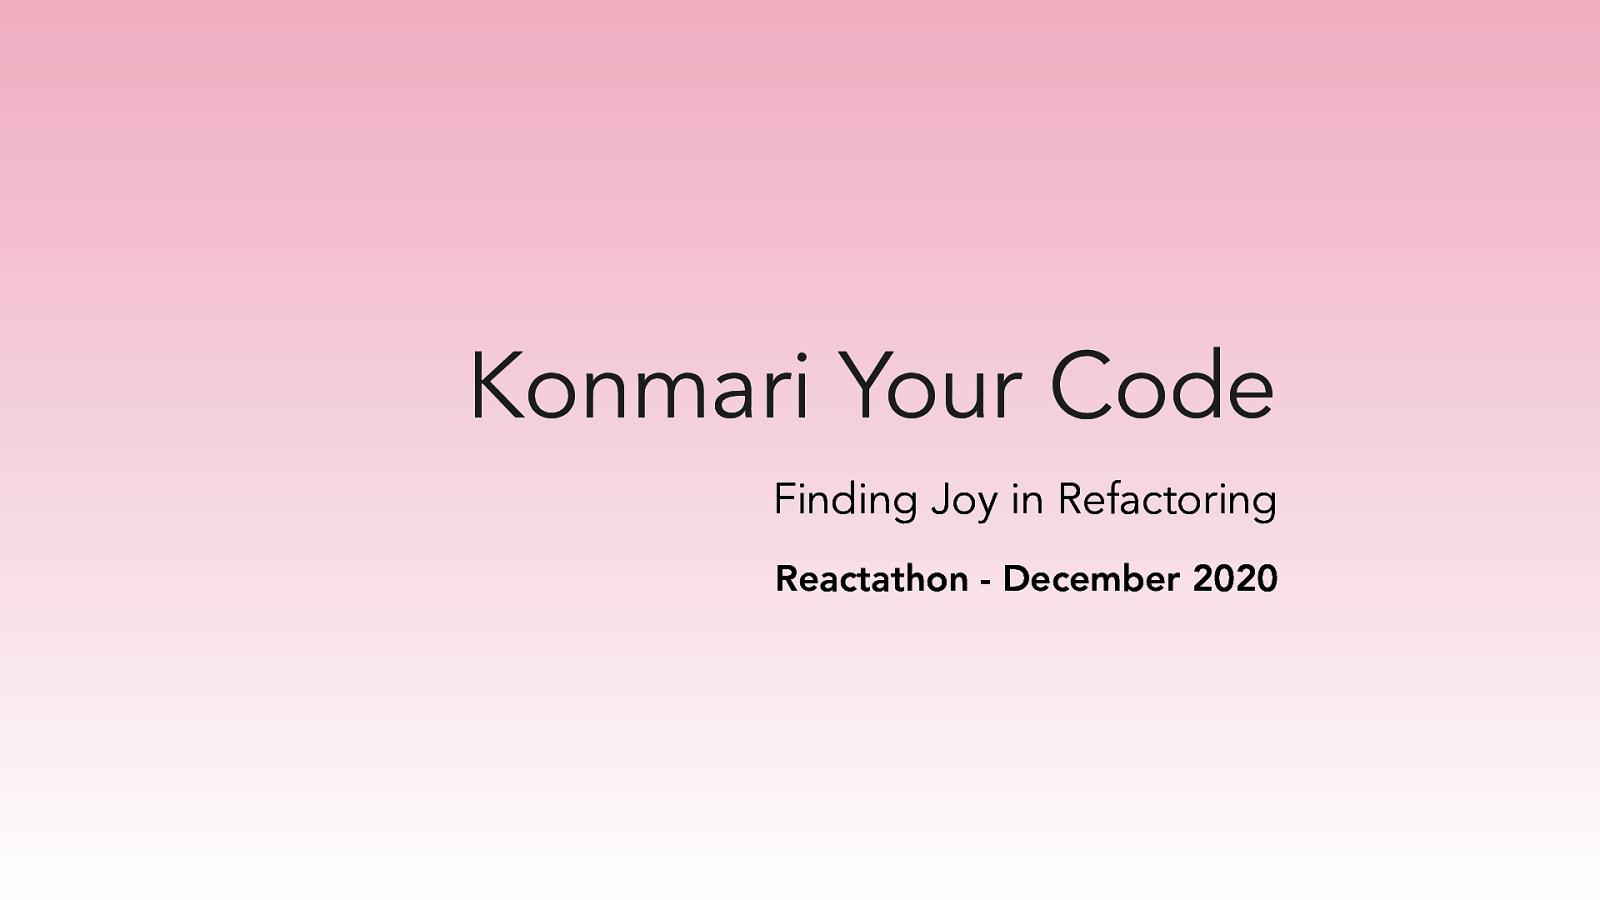 Konmari Your Code: Finding Joy in Refactoring